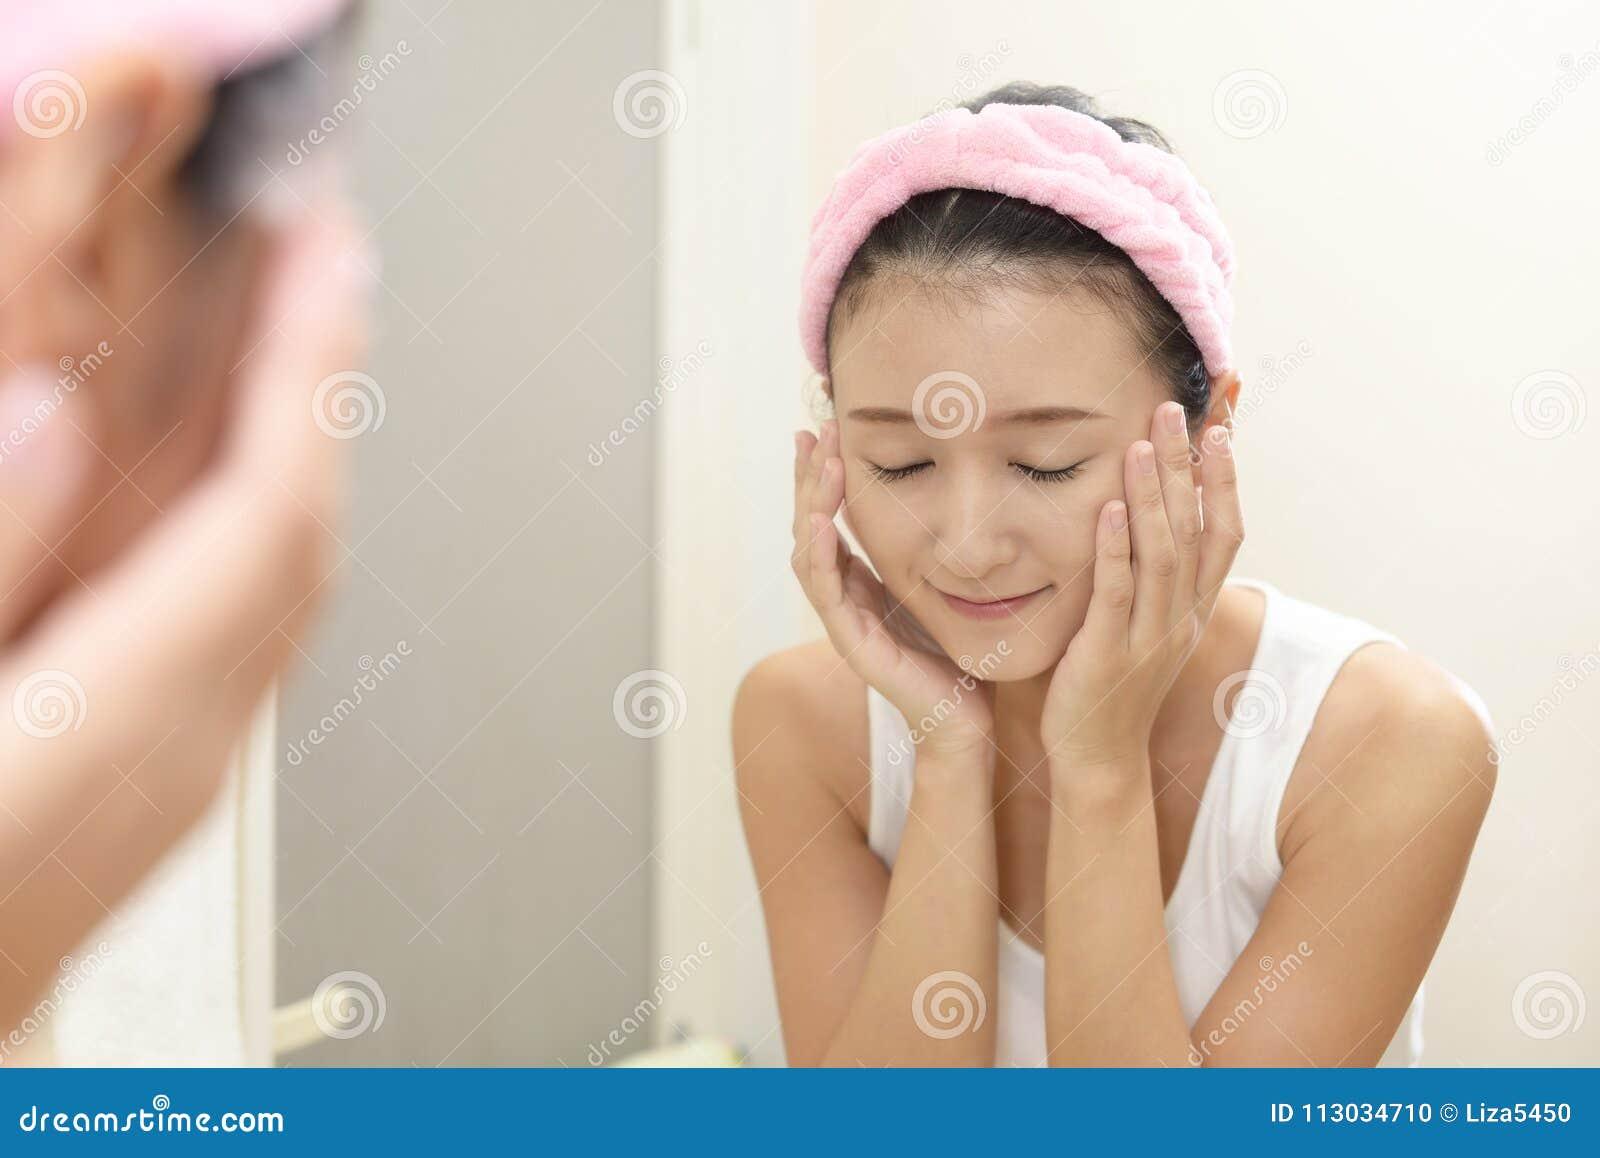 Mujer que se lava la cara